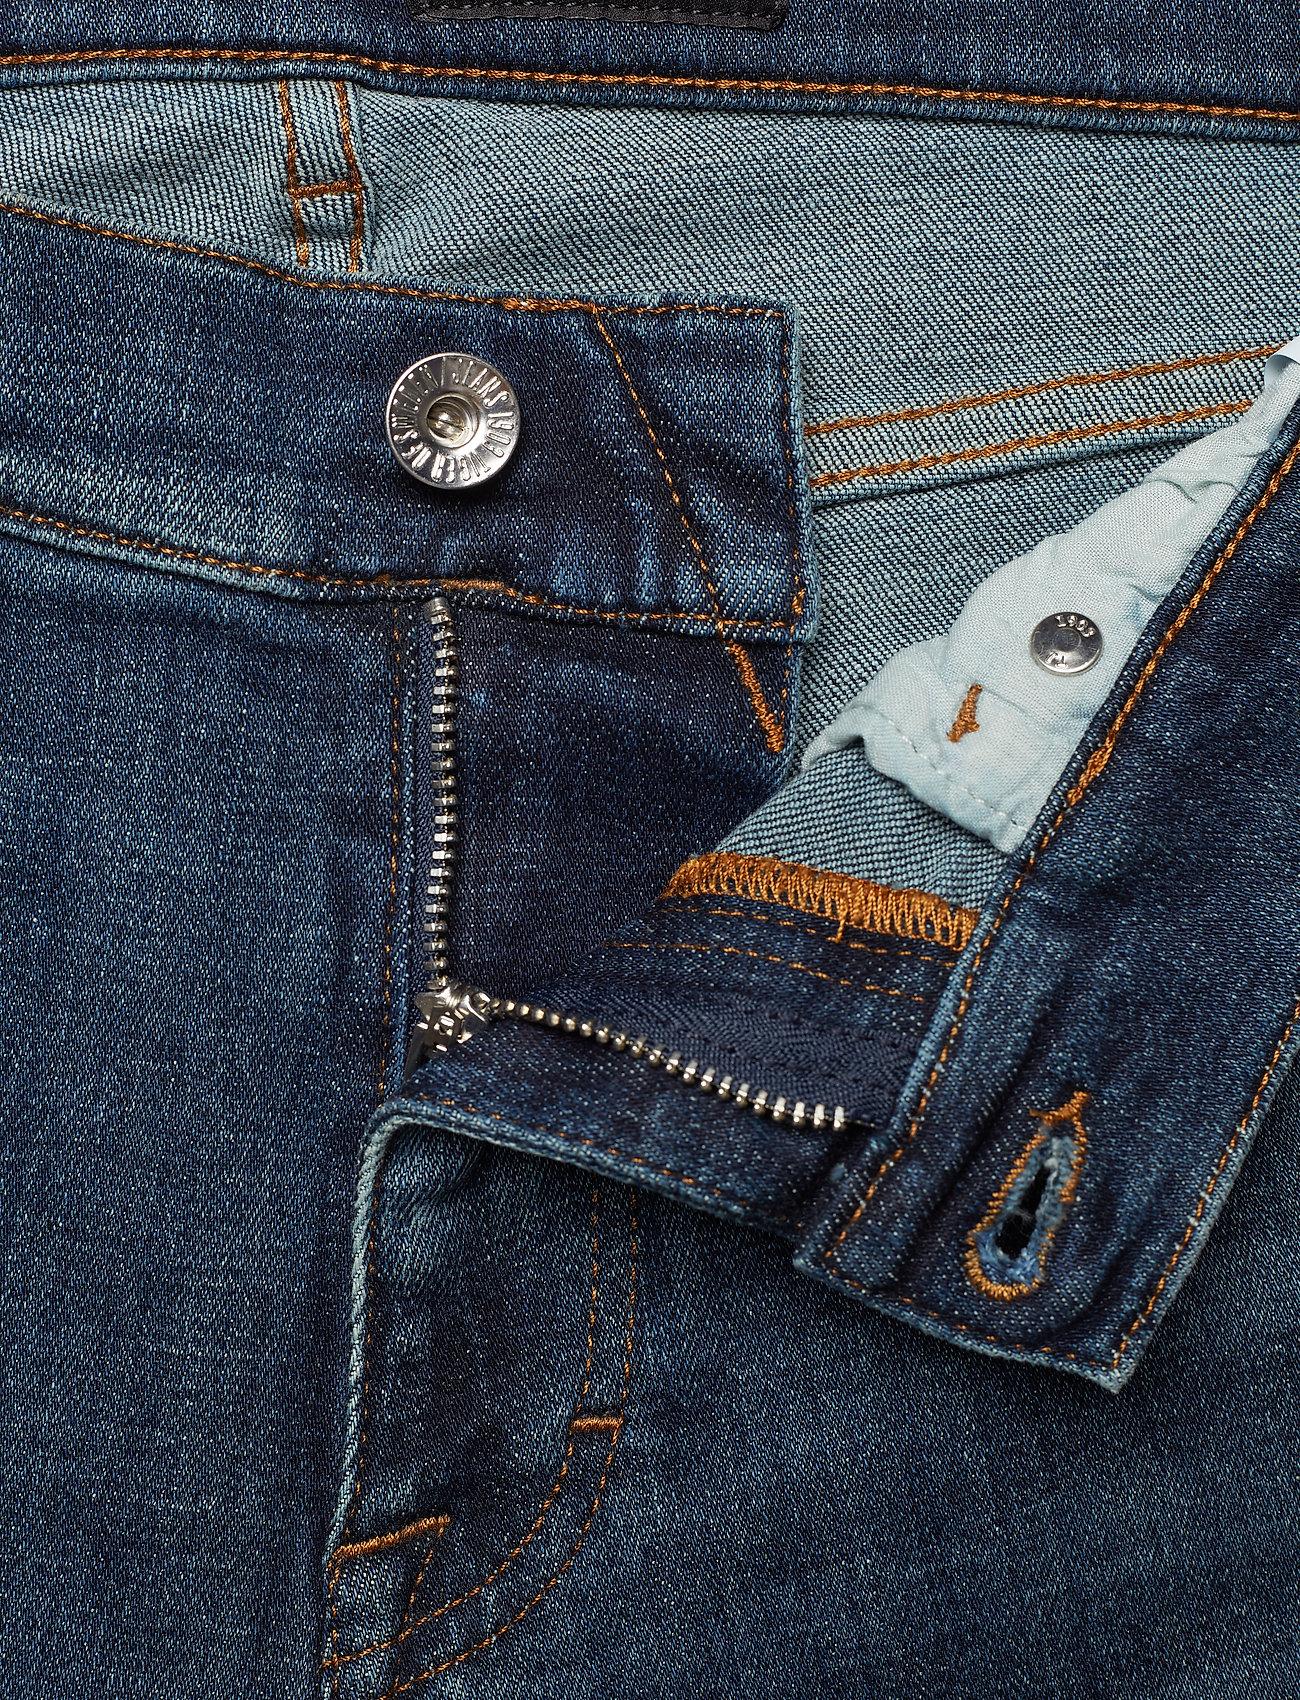 Sweden Slimroyal BlueTiger Of Slimroyal Jeans Sweden BlueTiger Of mN0nv8wO